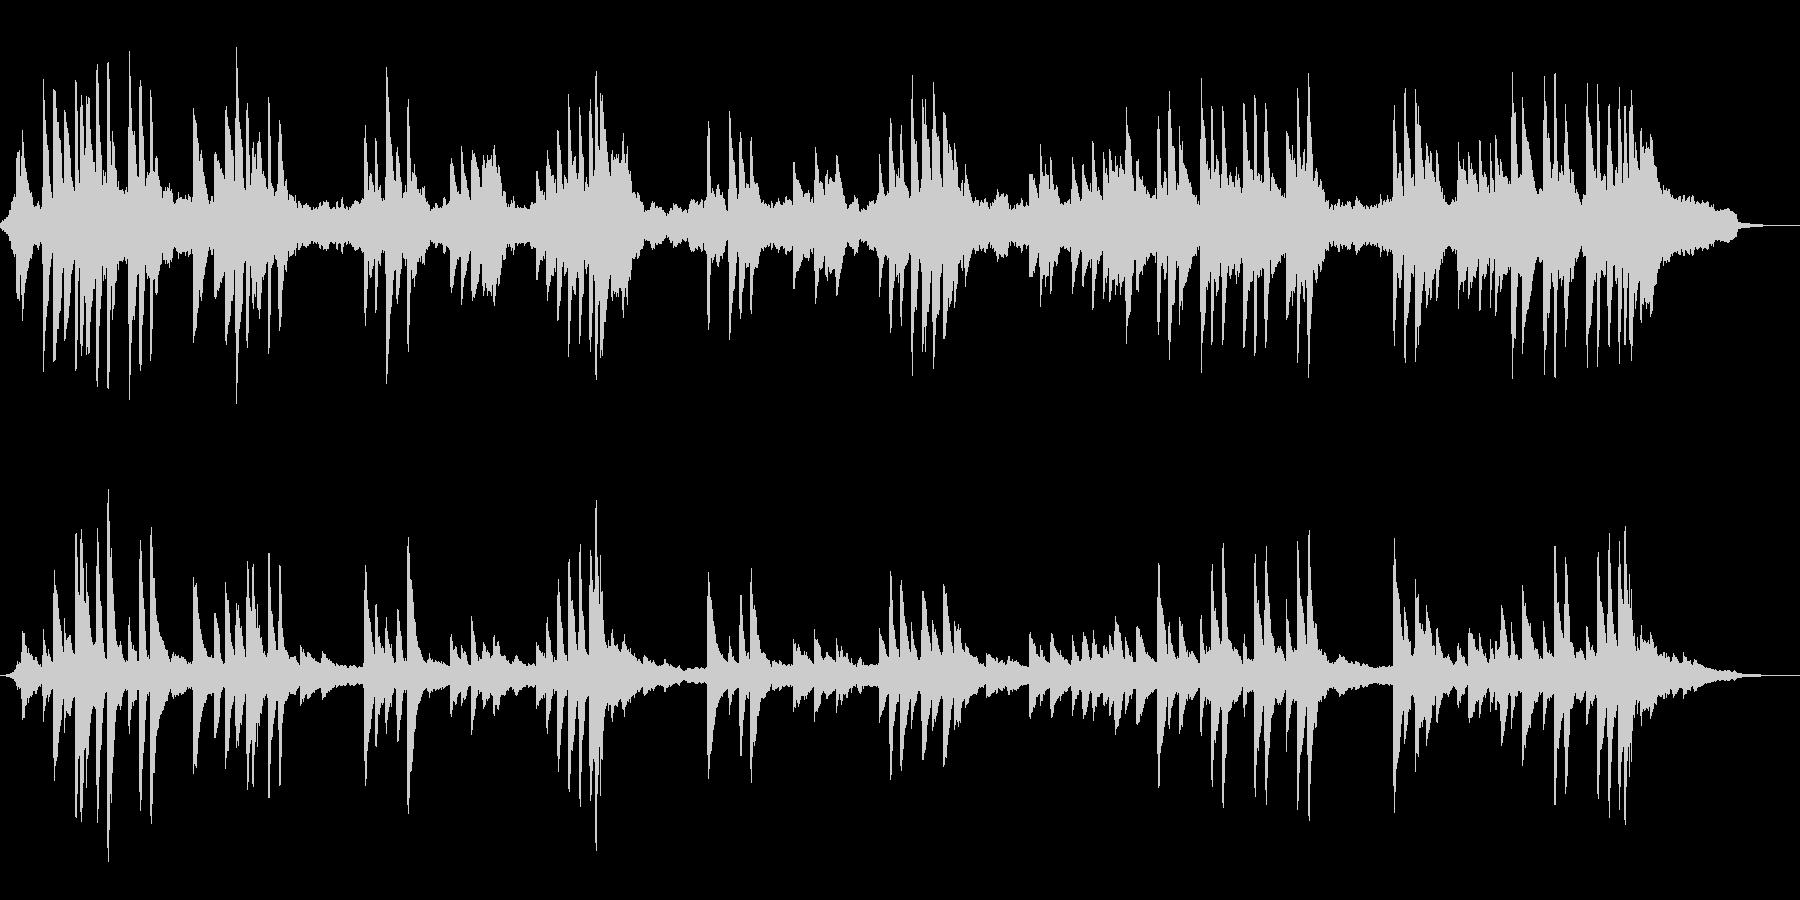 柔らかいハープの音色~和風のBGM~の未再生の波形